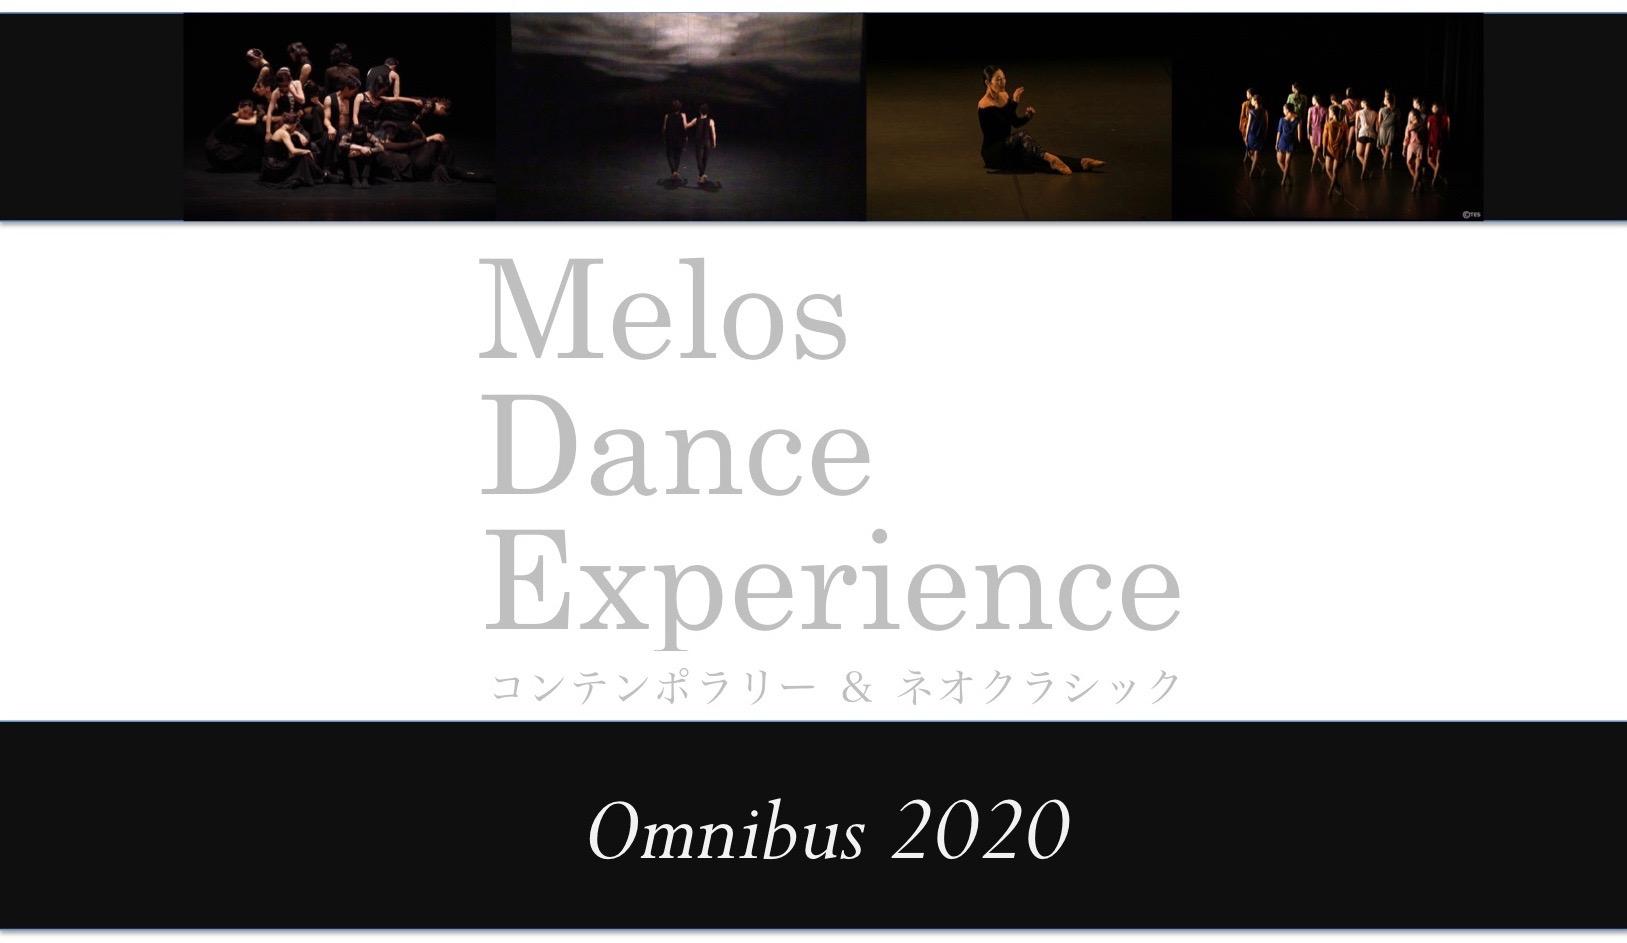 【出演ダンサー】二次オーディションの応募期間終了のお知らせ